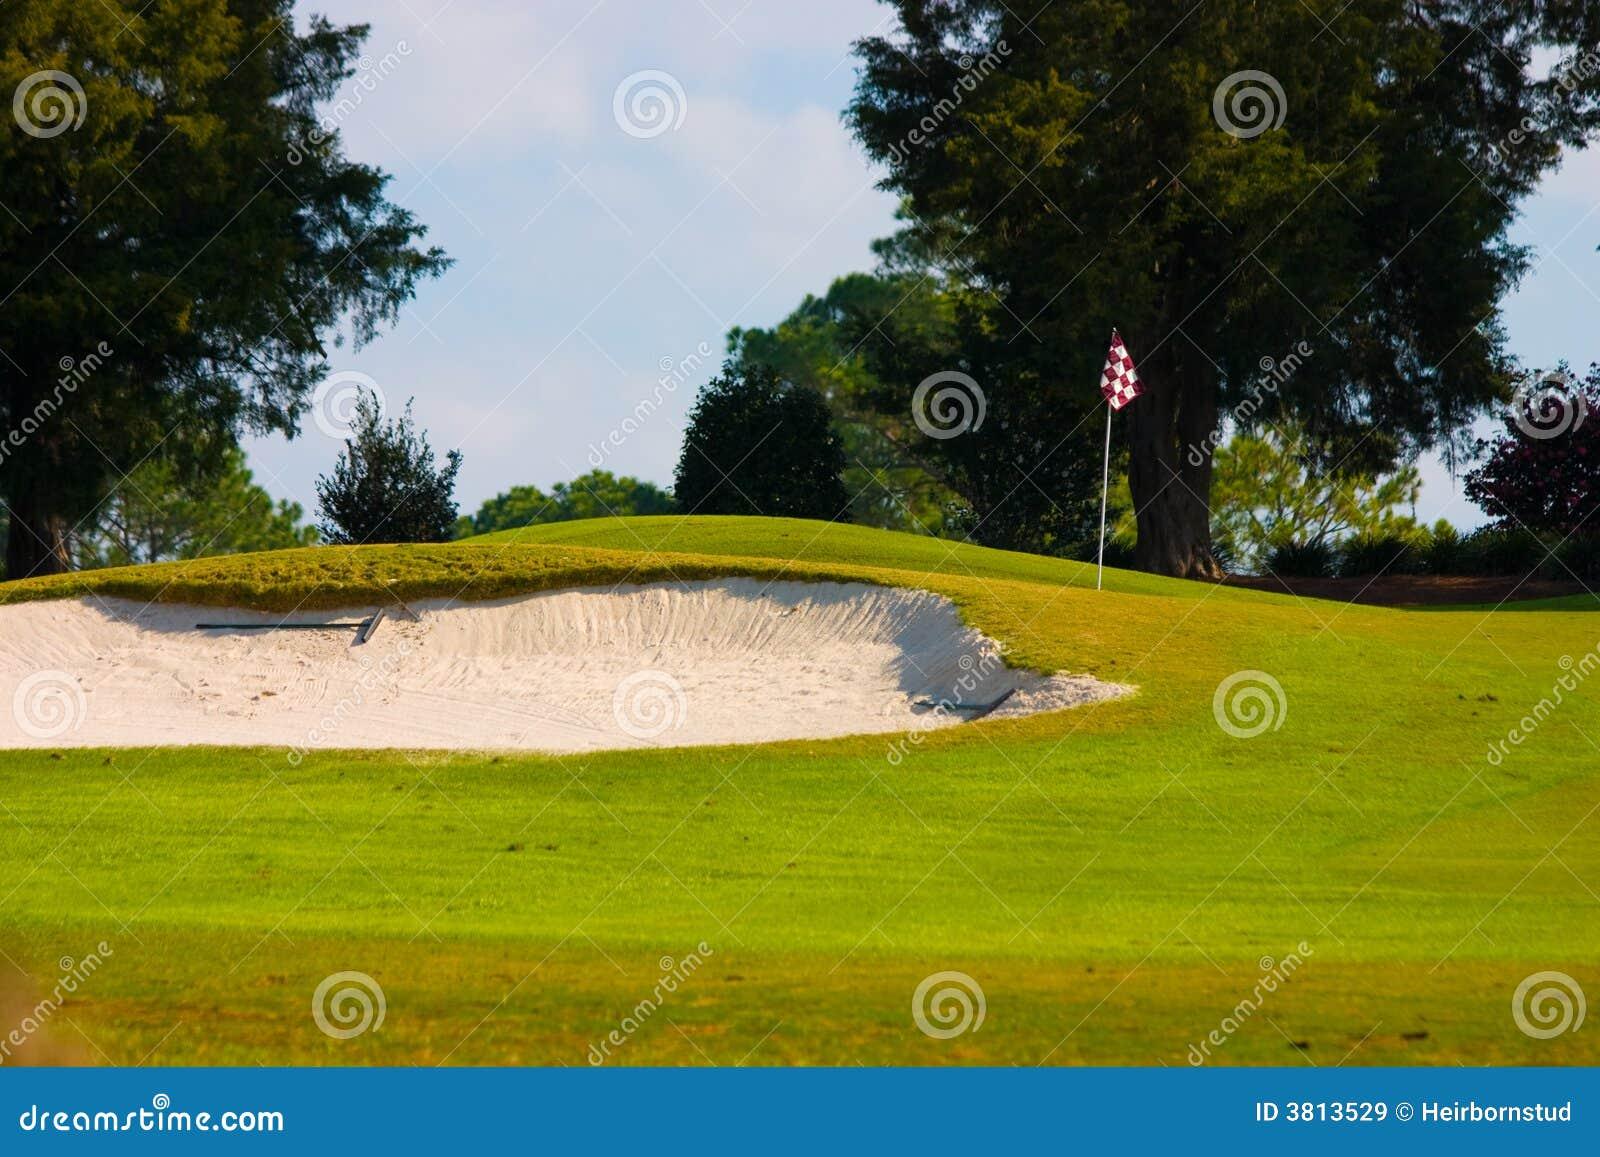 Kurs golfa piasku pułapka